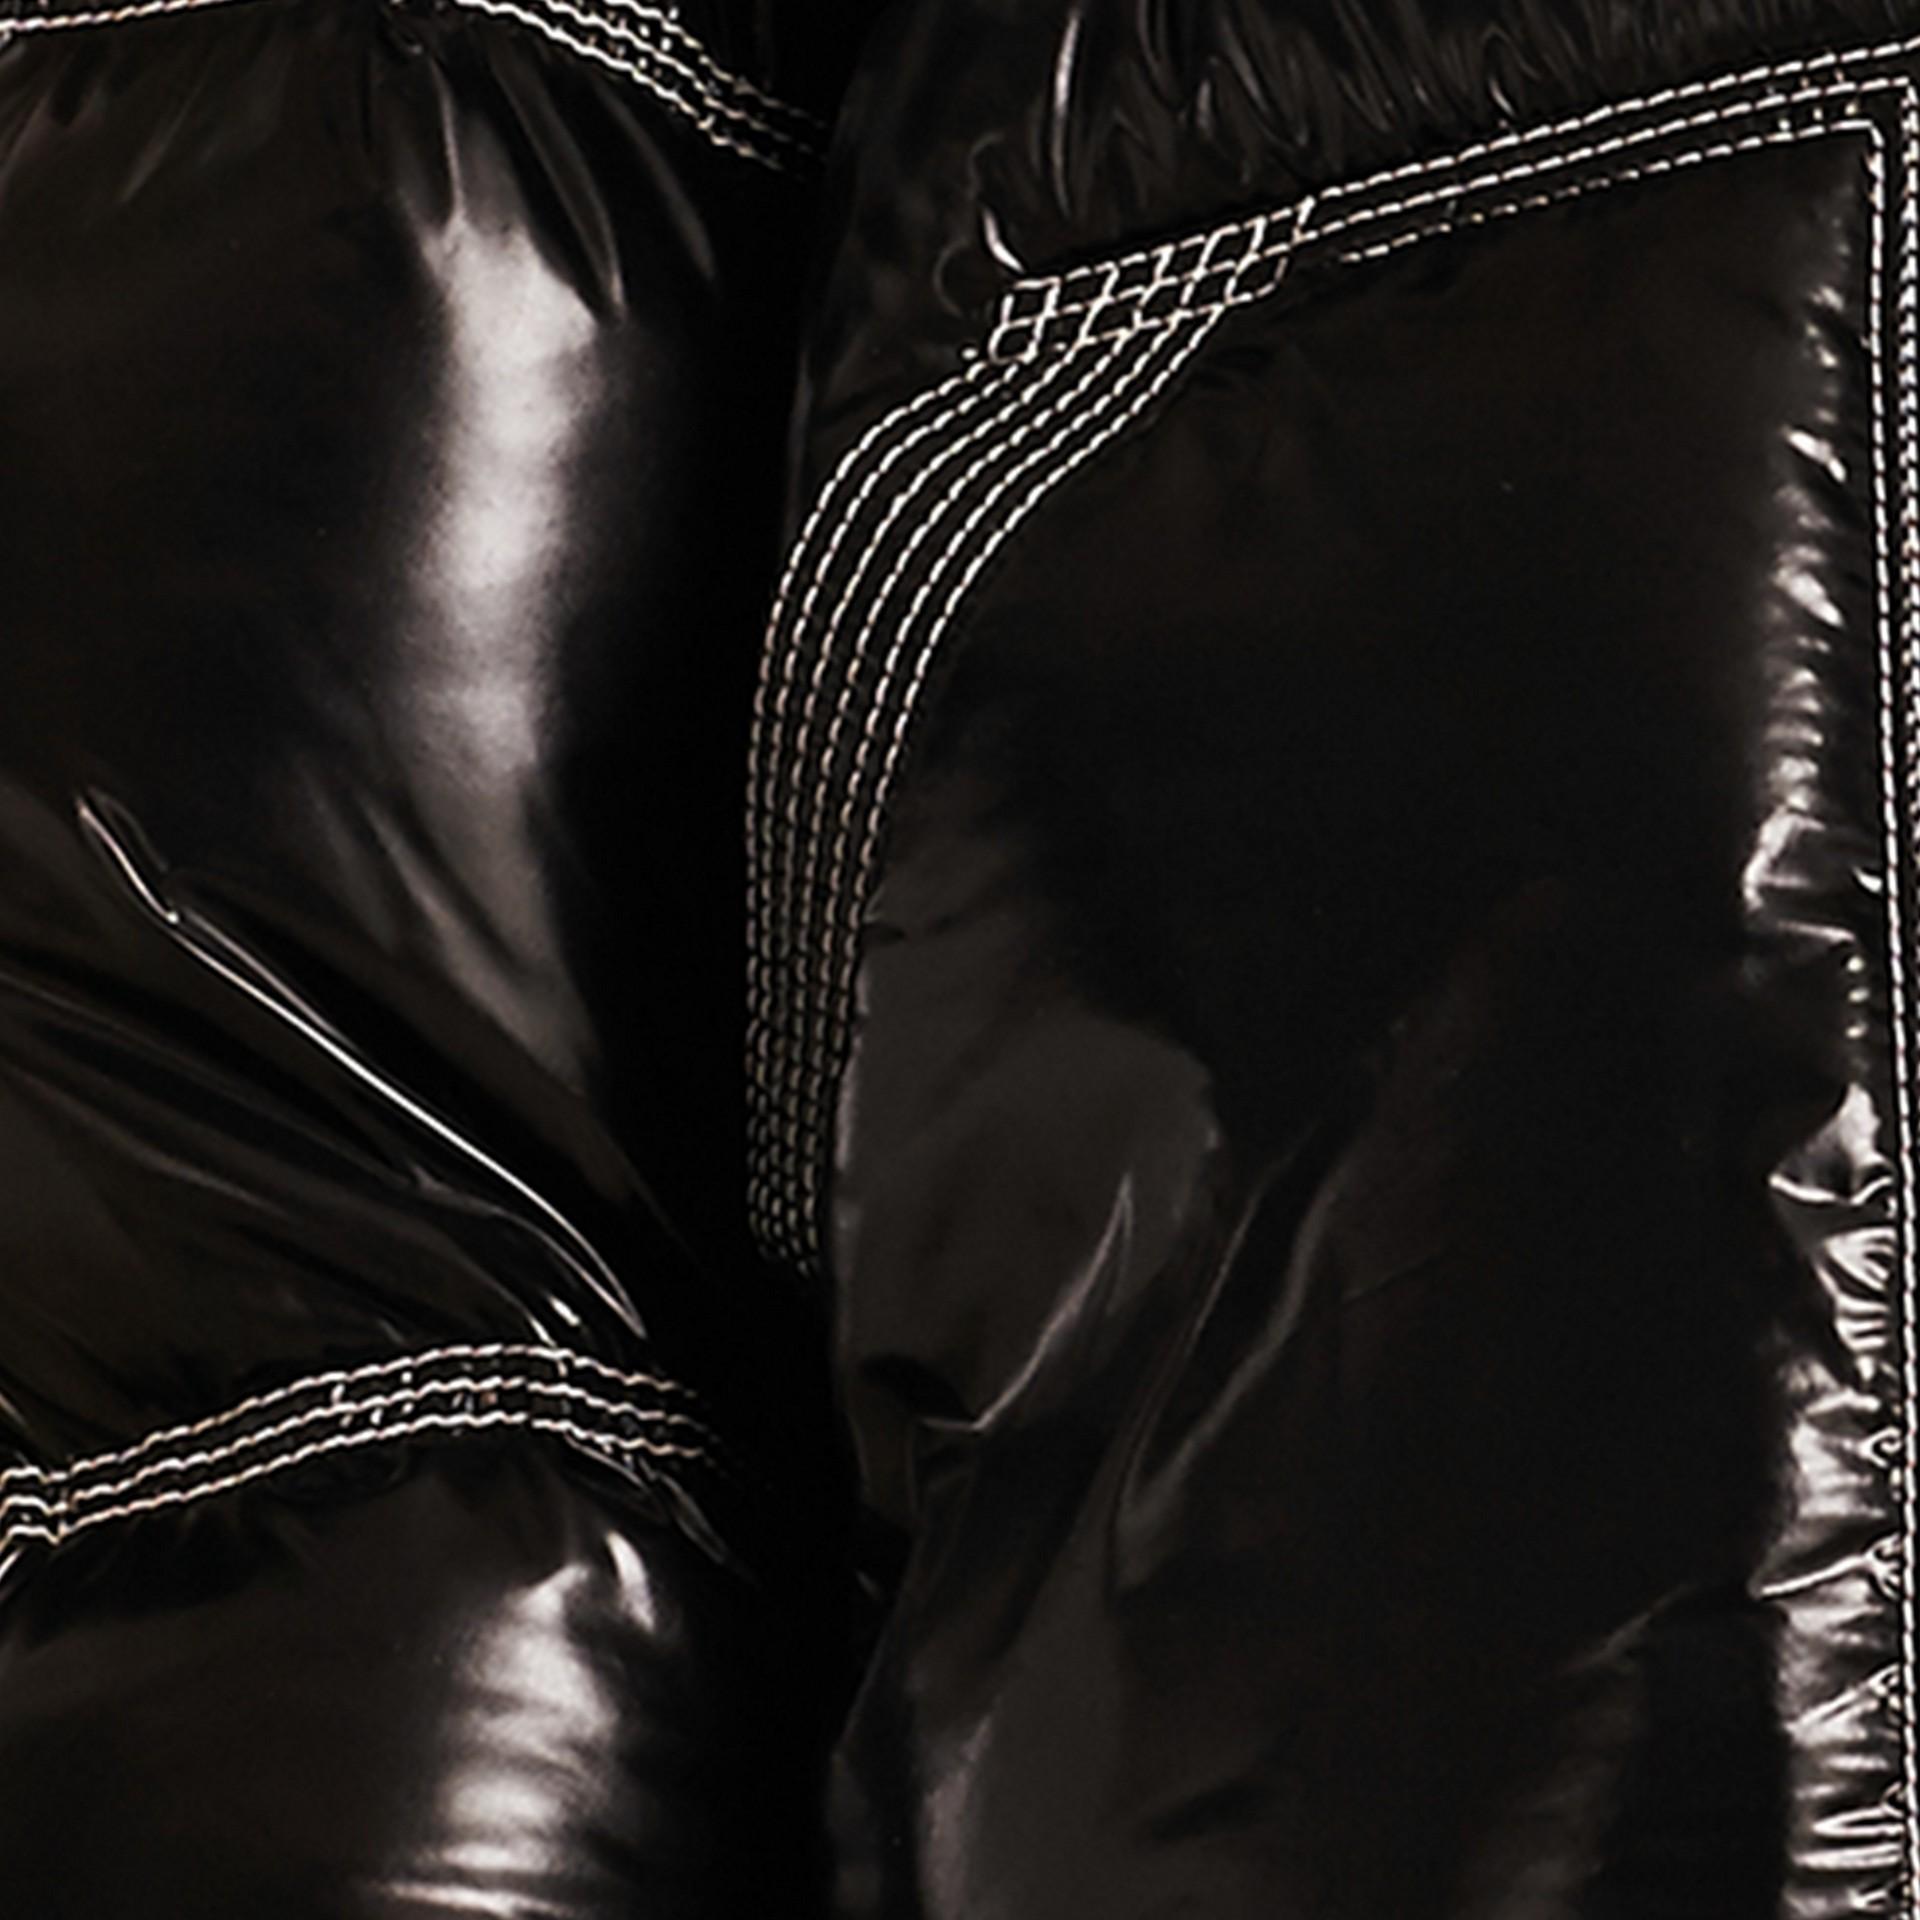 Nero Piumino lucido imbottito con collo in shearling - immagine della galleria 2